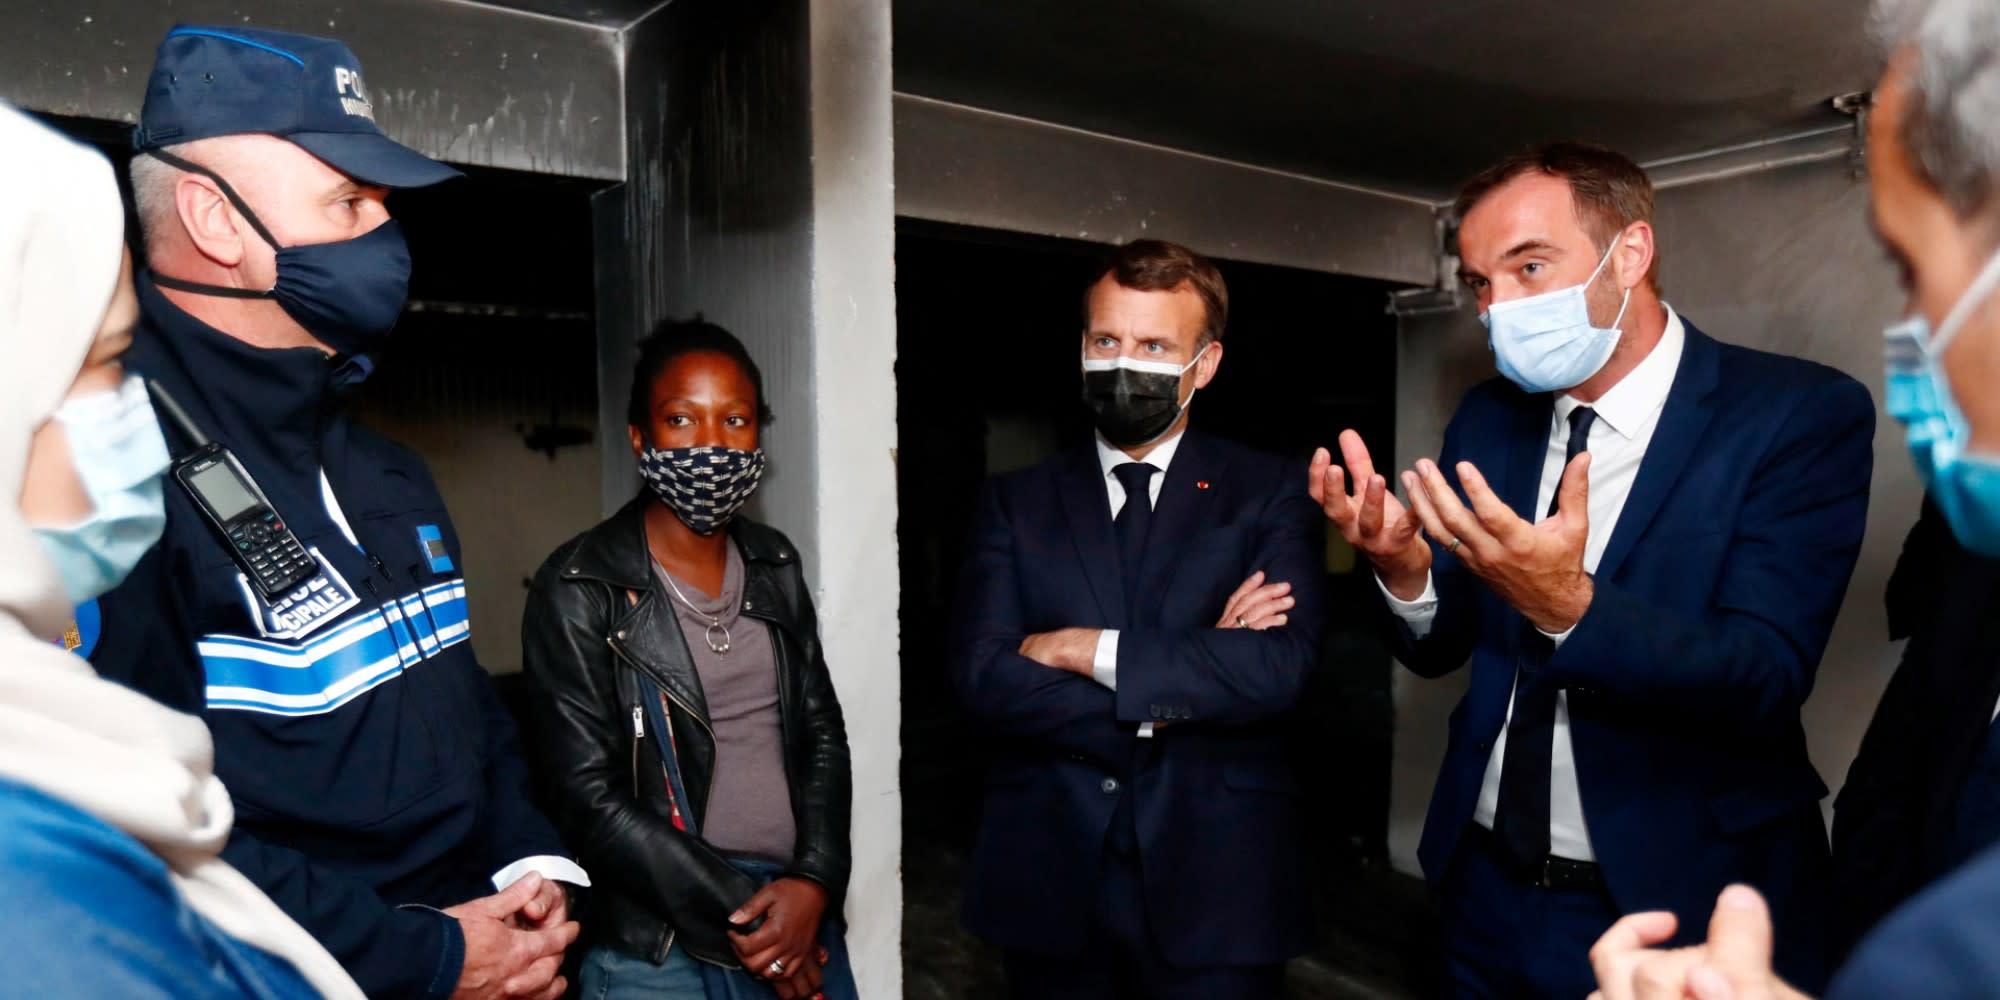 À Montpellier, Emmanuel Macron défend sa politique sécuritaire